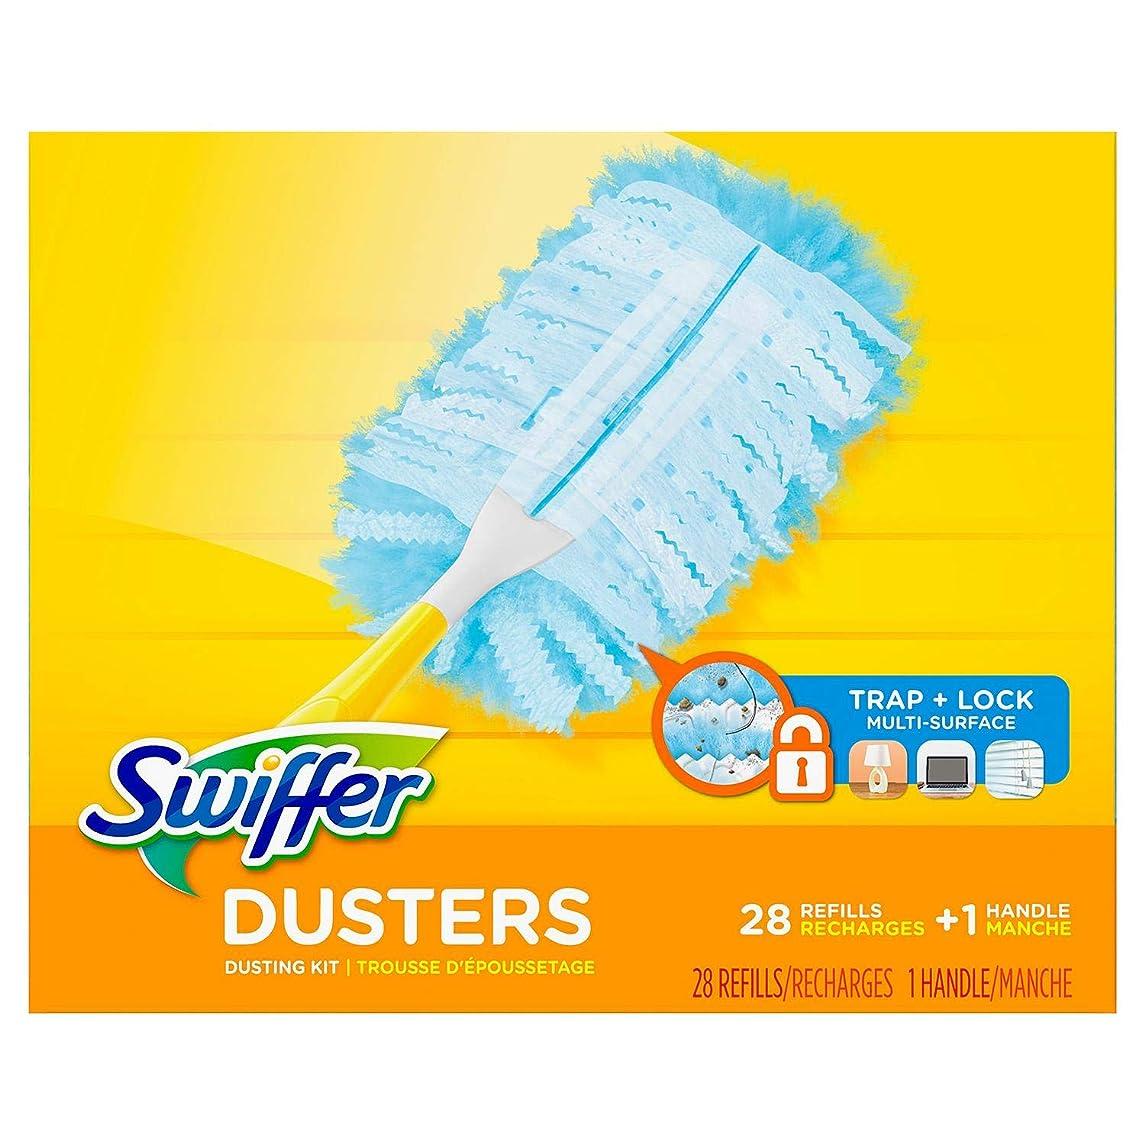 モルヒネシャワー模索Swiffer Dusters Dustingキット、1ハンドル& 24?Duster Swiffer Refills